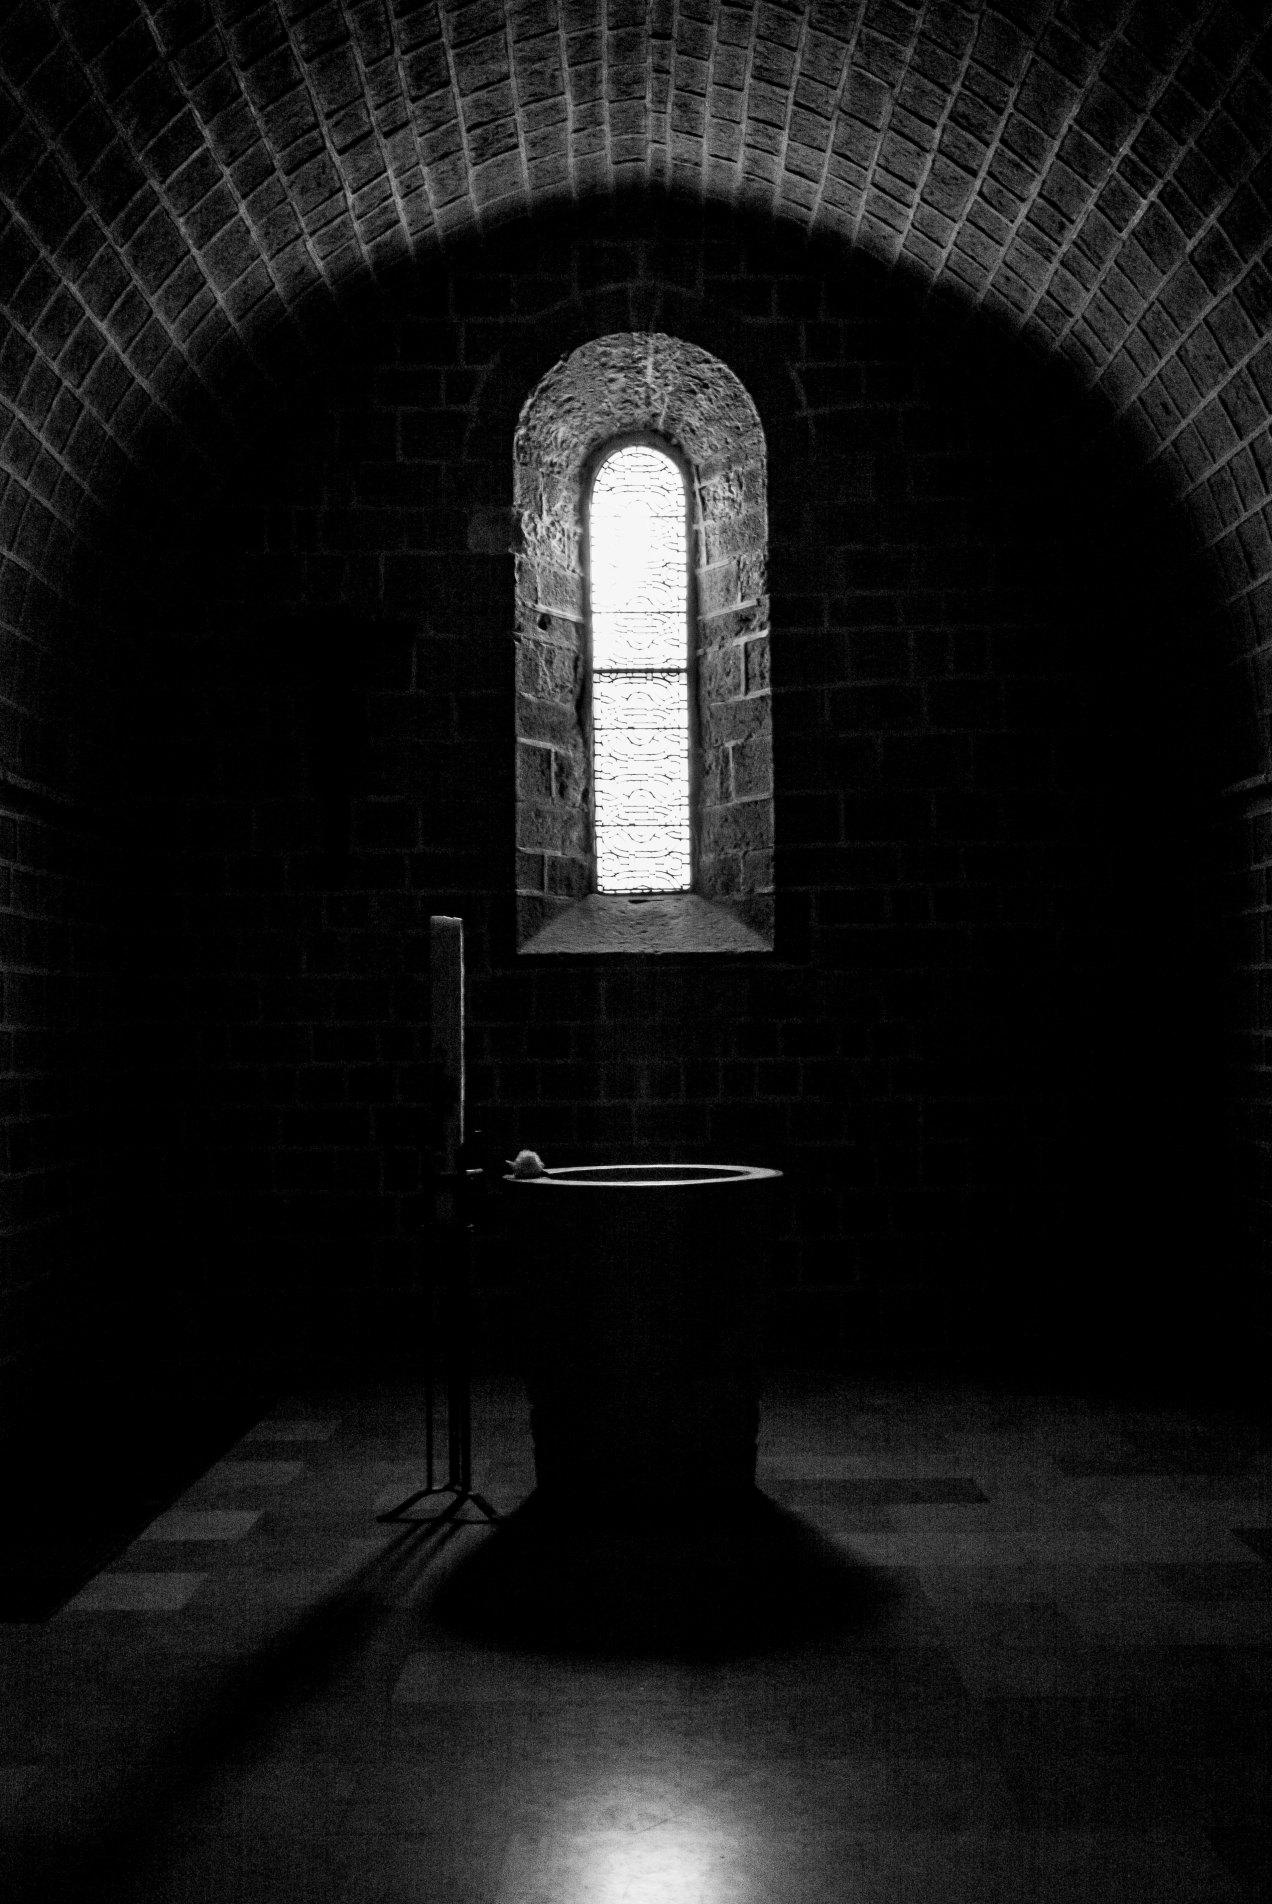 La lumière de l'ombre, Cathédrale, Antibes, gildalliere, 2018